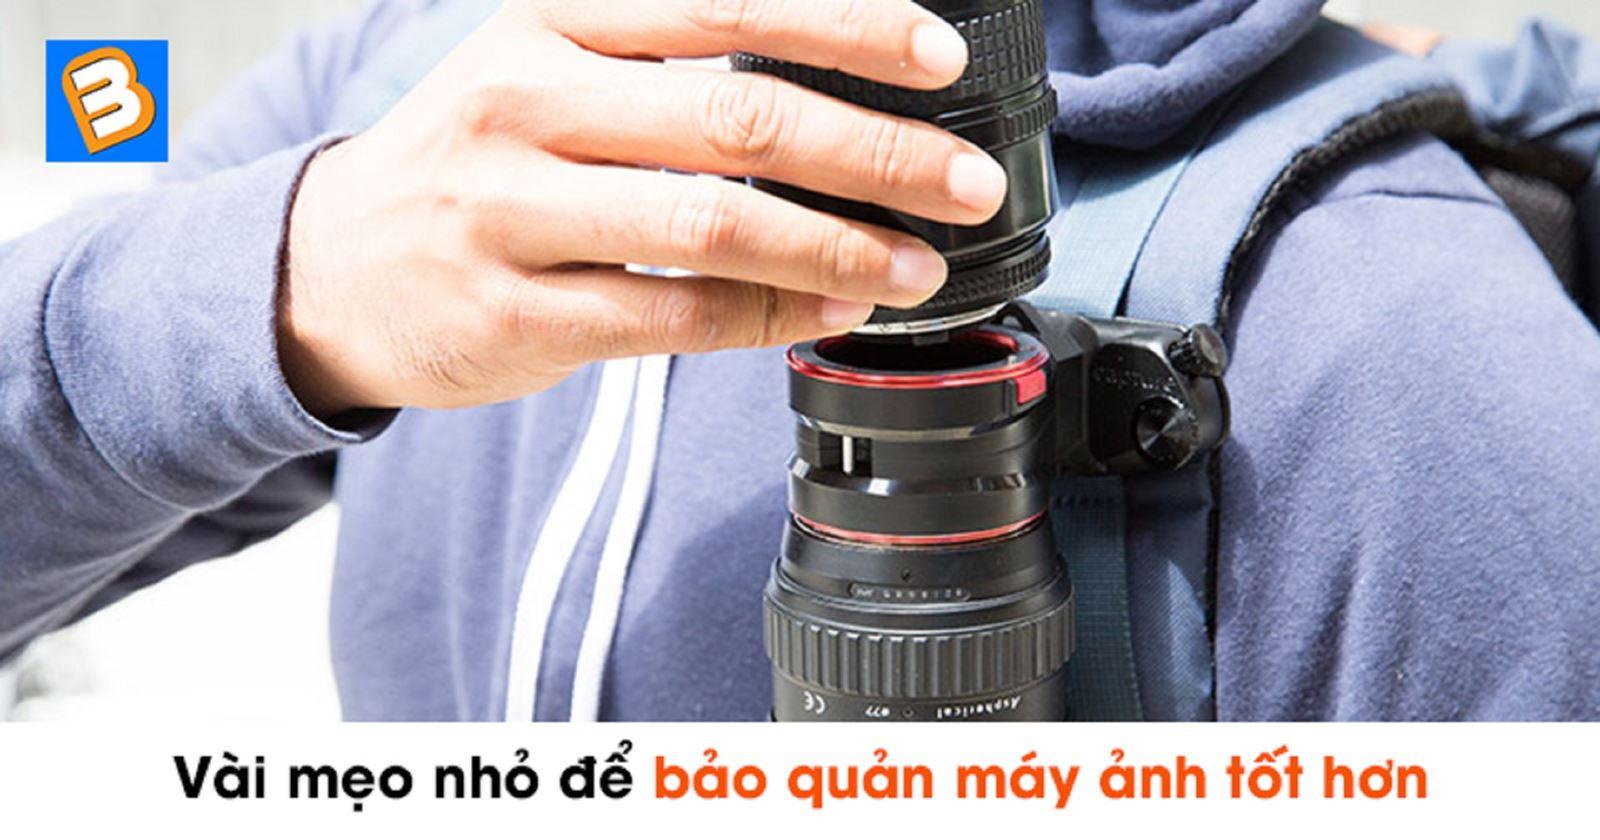 Vài mẹo nhỏ đểbảo quản máy ảnh tốt hơn